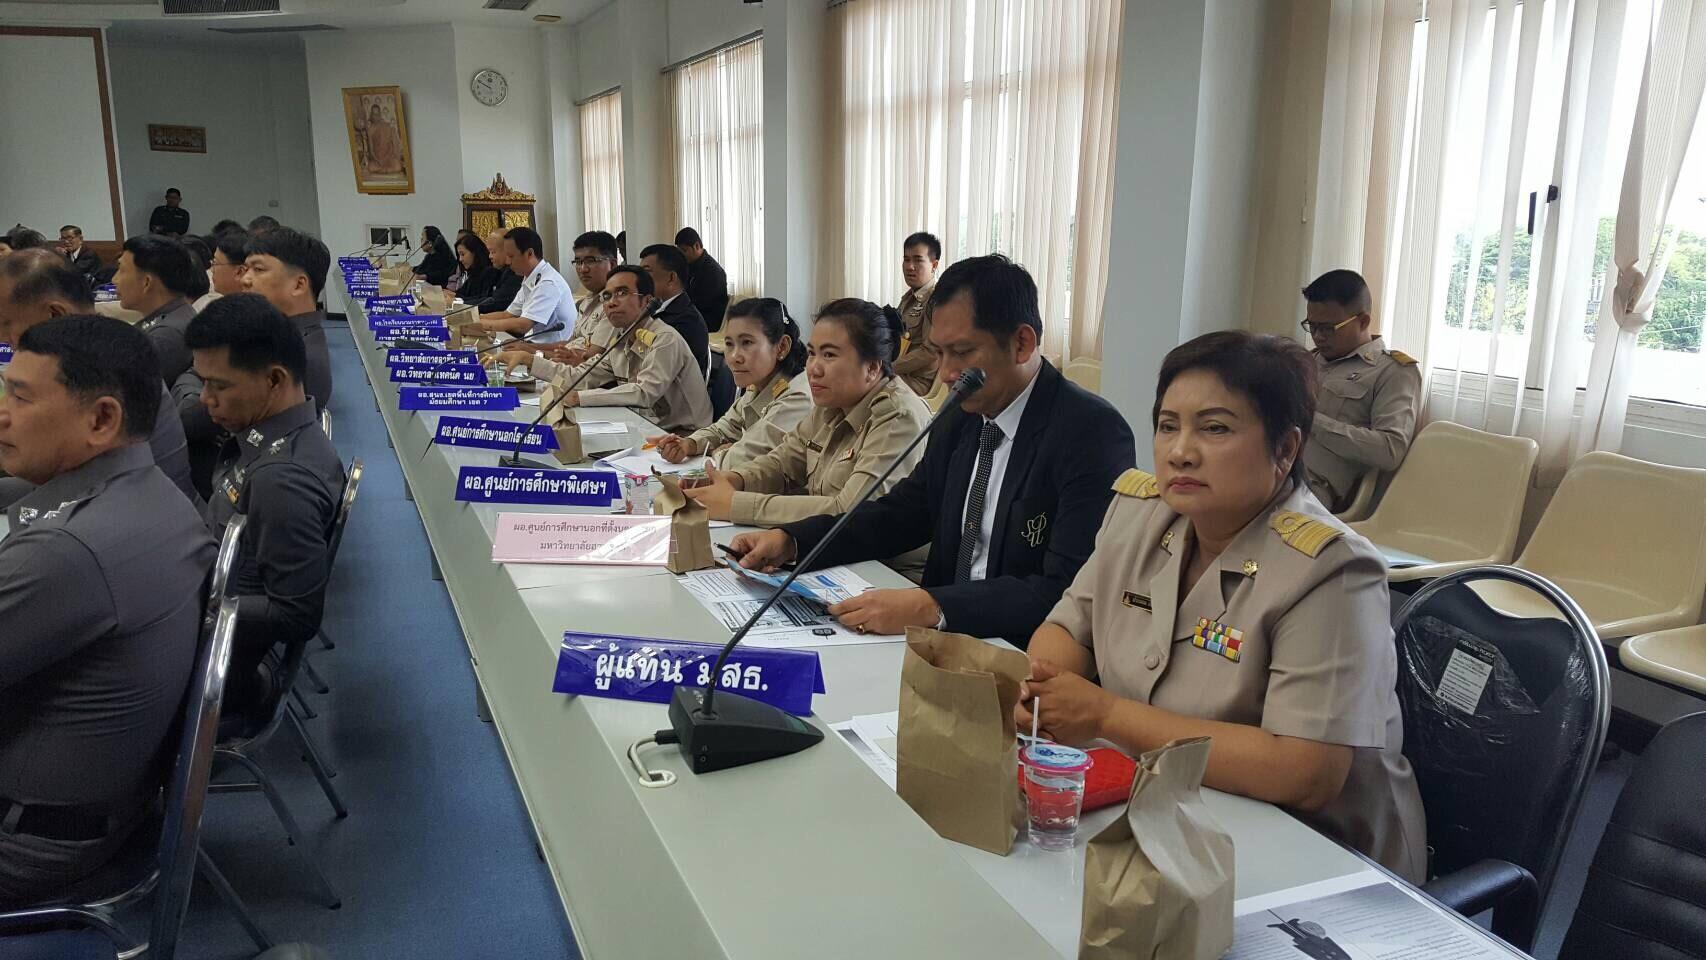 ผู้อำนวยการศูนย์การศึกษานอกที่ตั้งนครนายก นำเสนอศูนย์ ฯ ในการประชุมคณะกรรมการจังหวัด เดือนมีนาคม